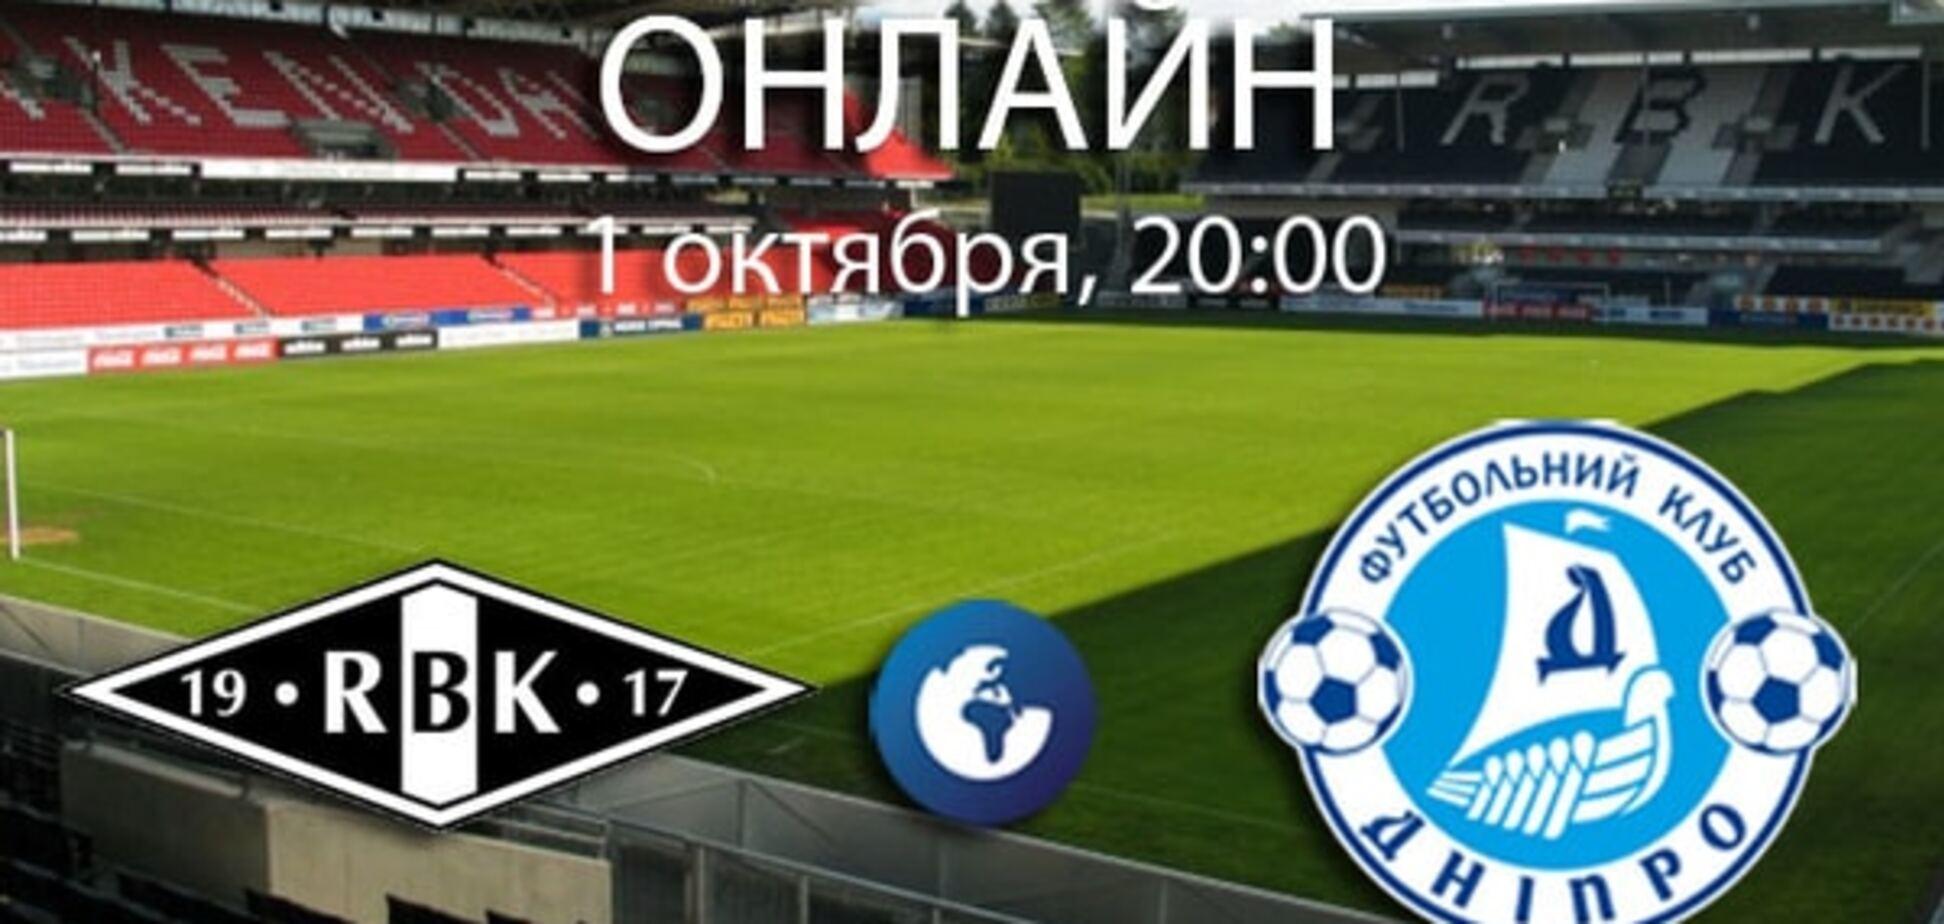 Русенборг - Днепр - 0-1: хронология матча